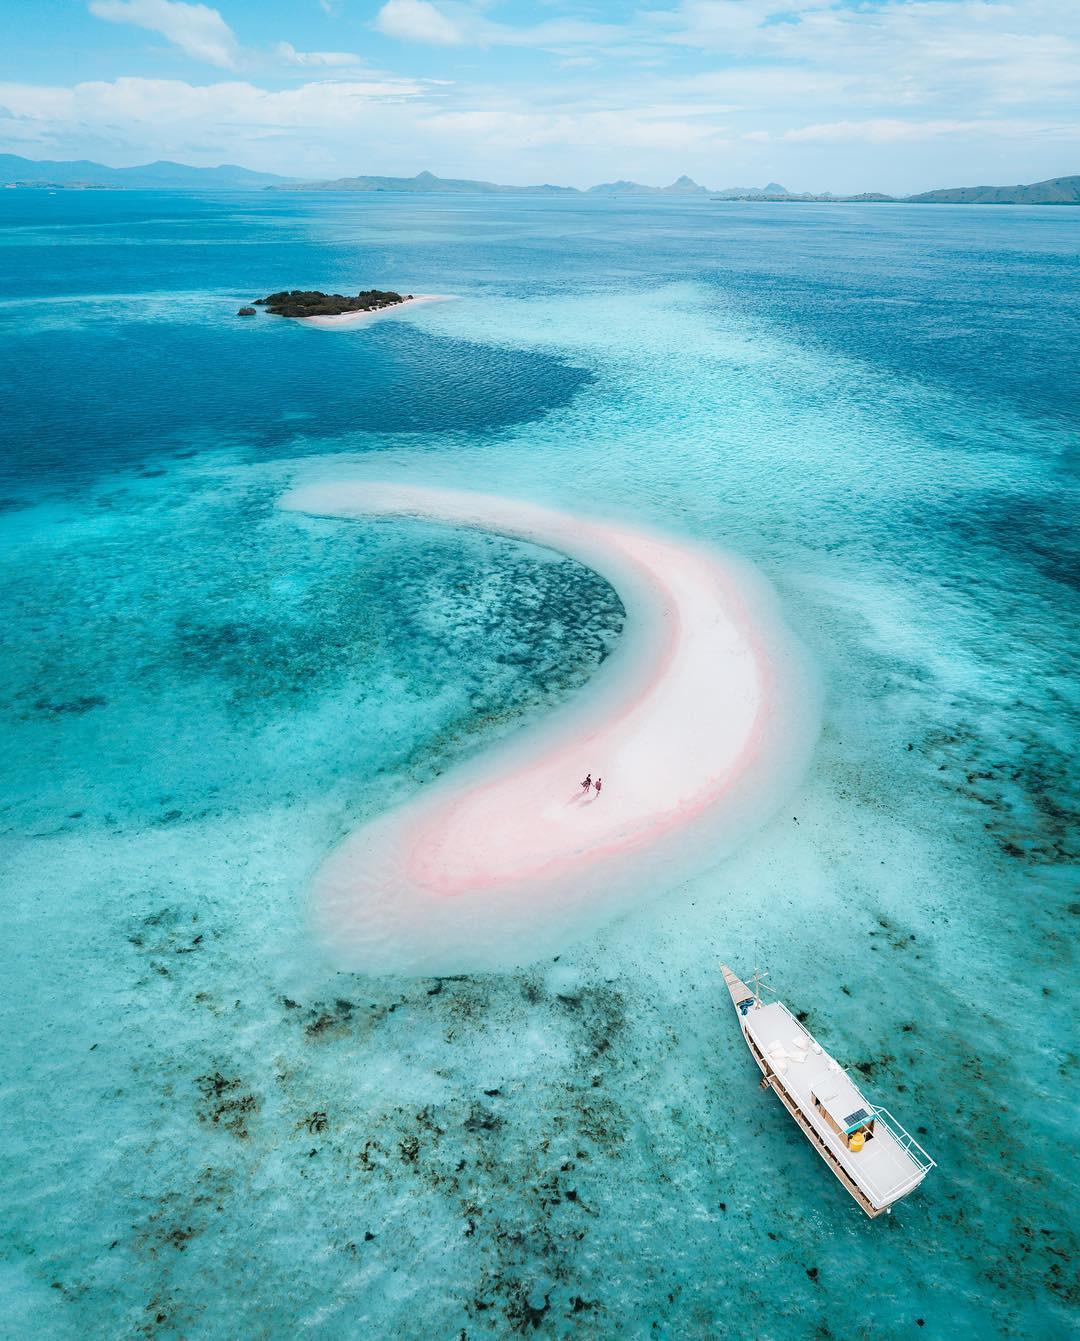 Đảo rồng Komodo tại Indonesia sẽ đóng cửa vào năm 2020, đi ngay trước khi quá muộn nào! - Ảnh 5.